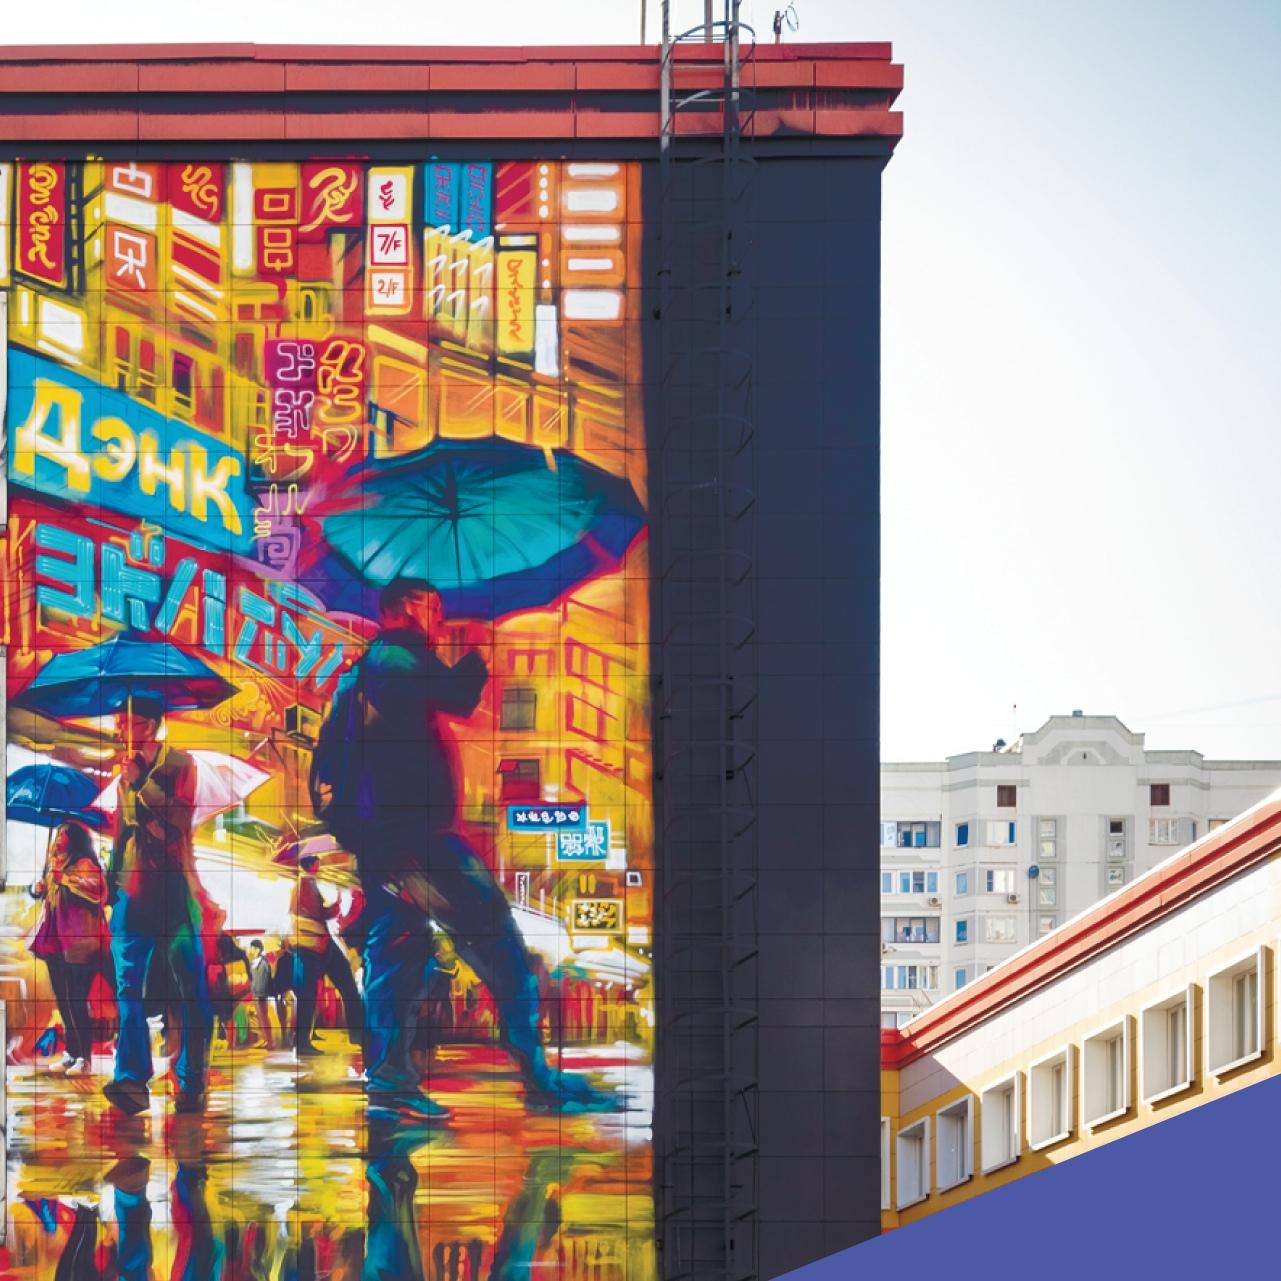 Нижегородская область борется за проведение фестиваля уличных искусств